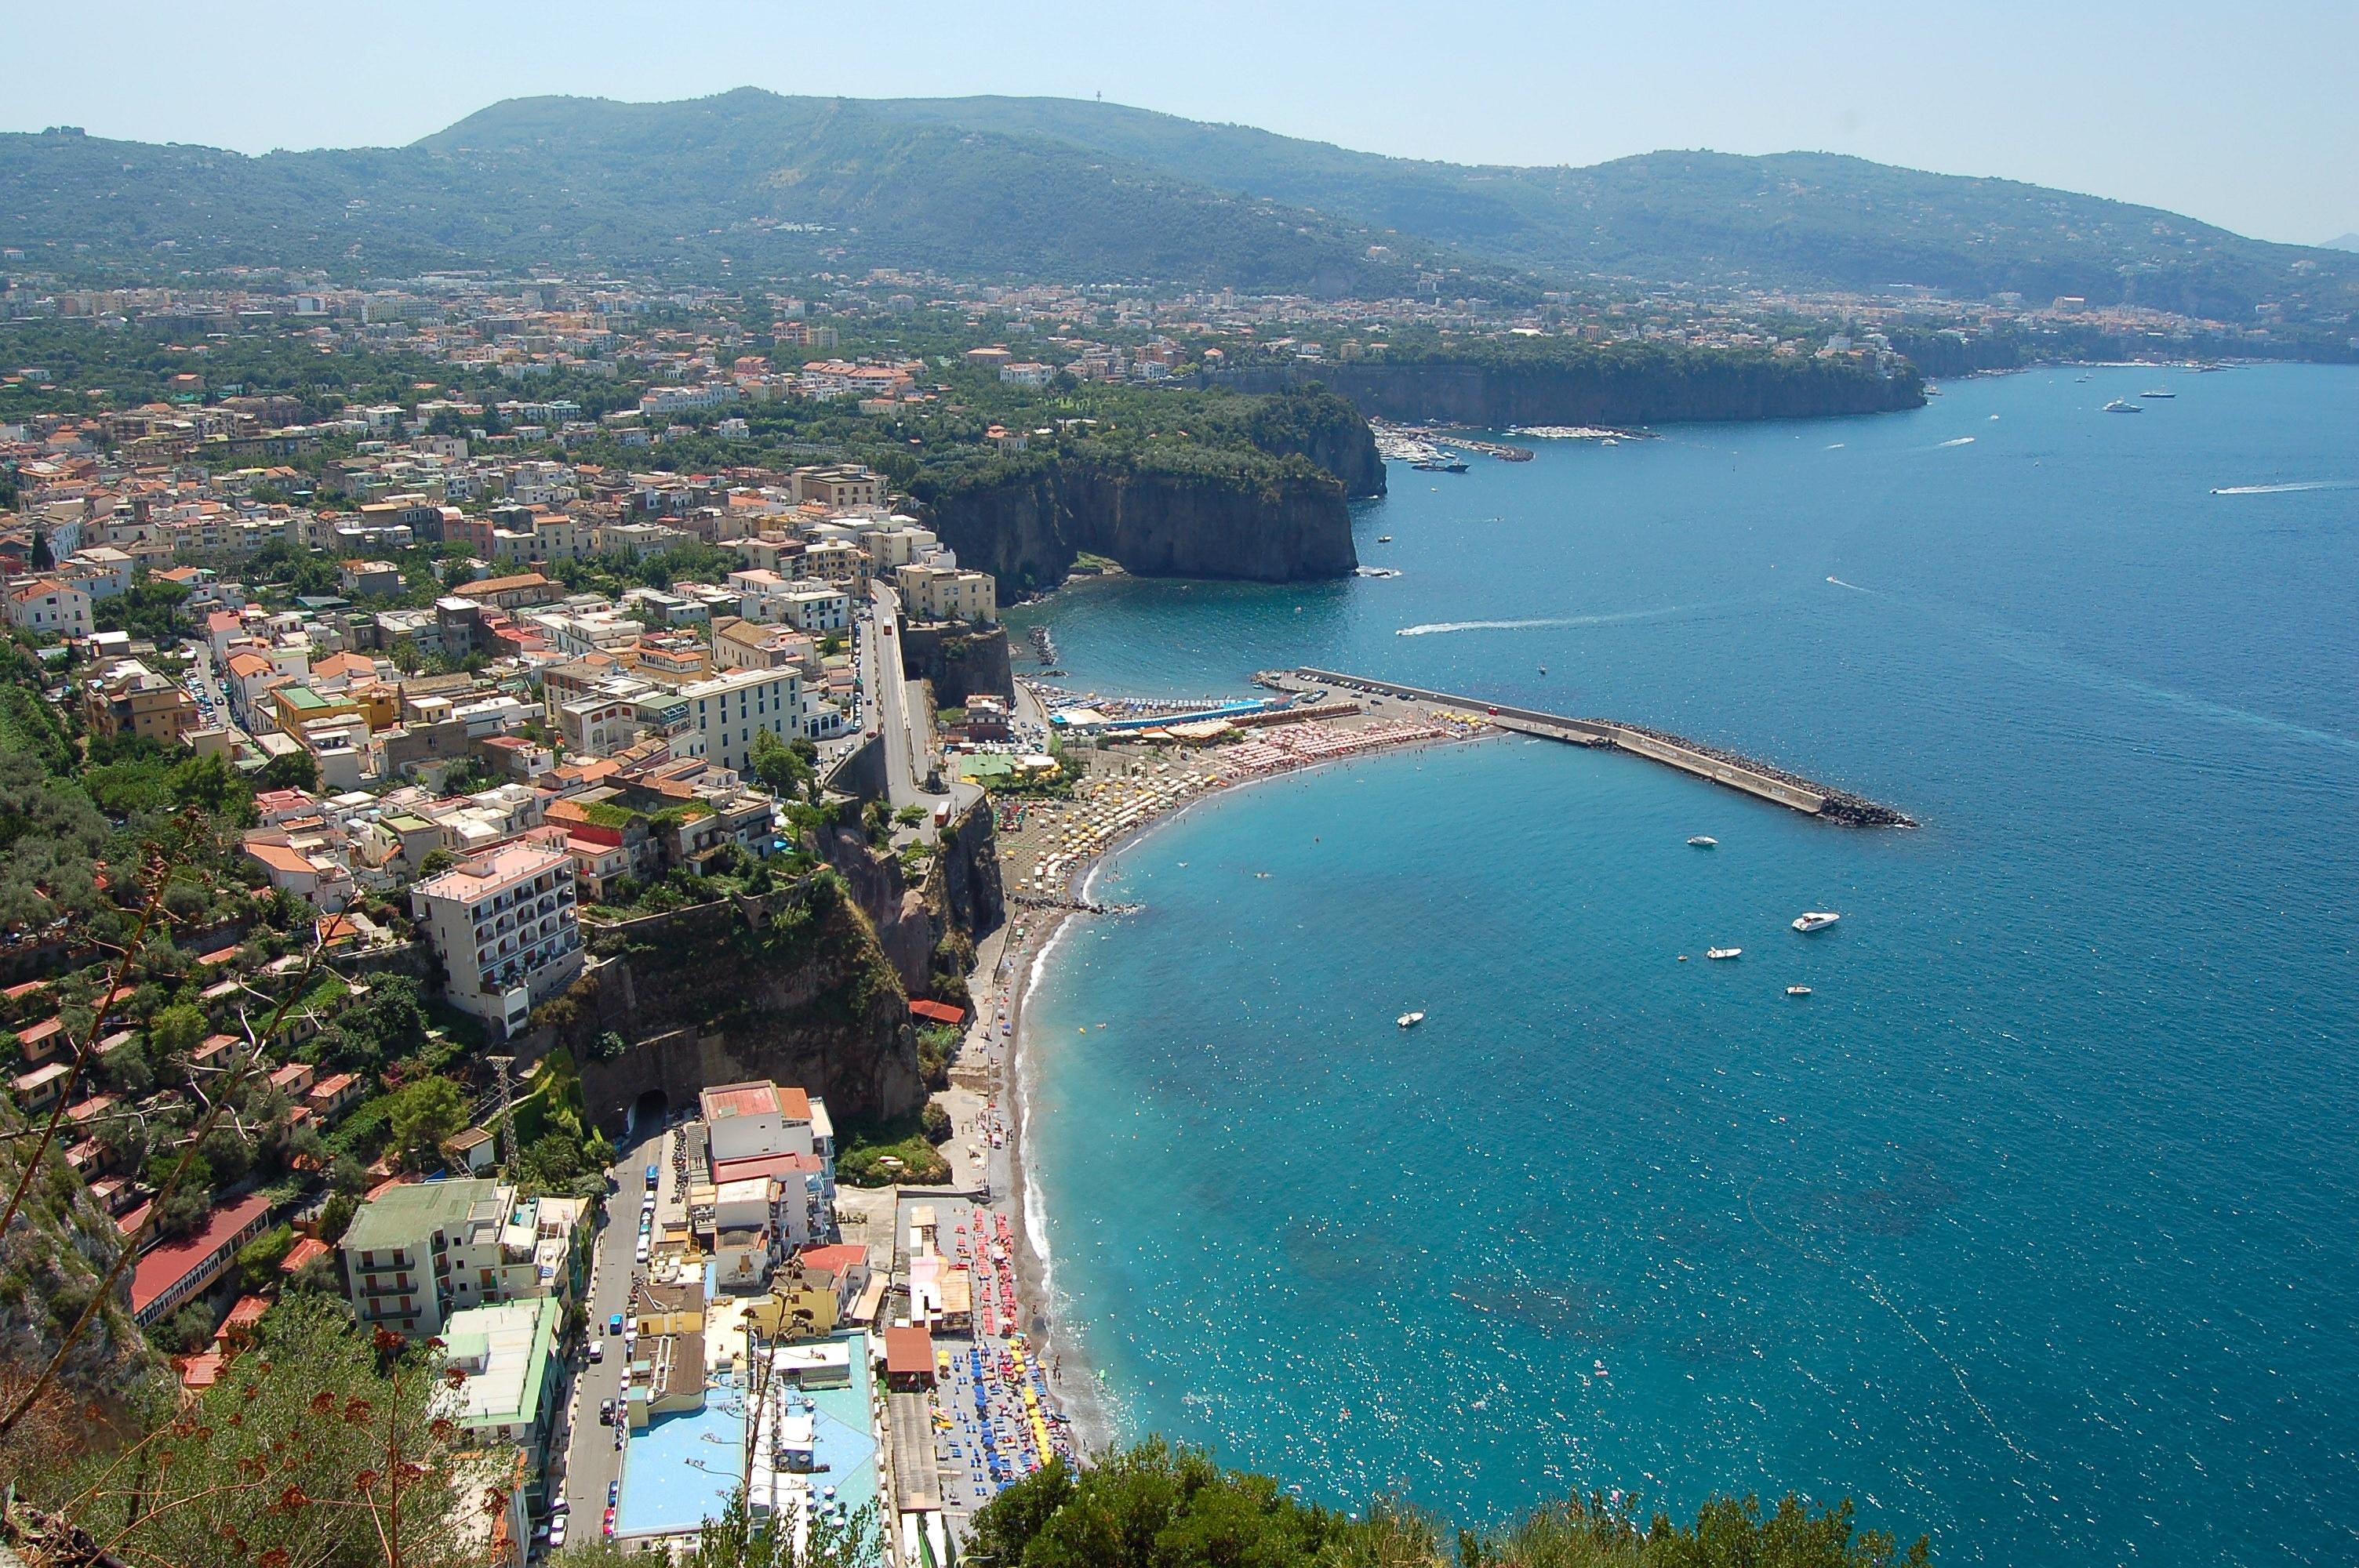 Vico Equense, Campania, Italy